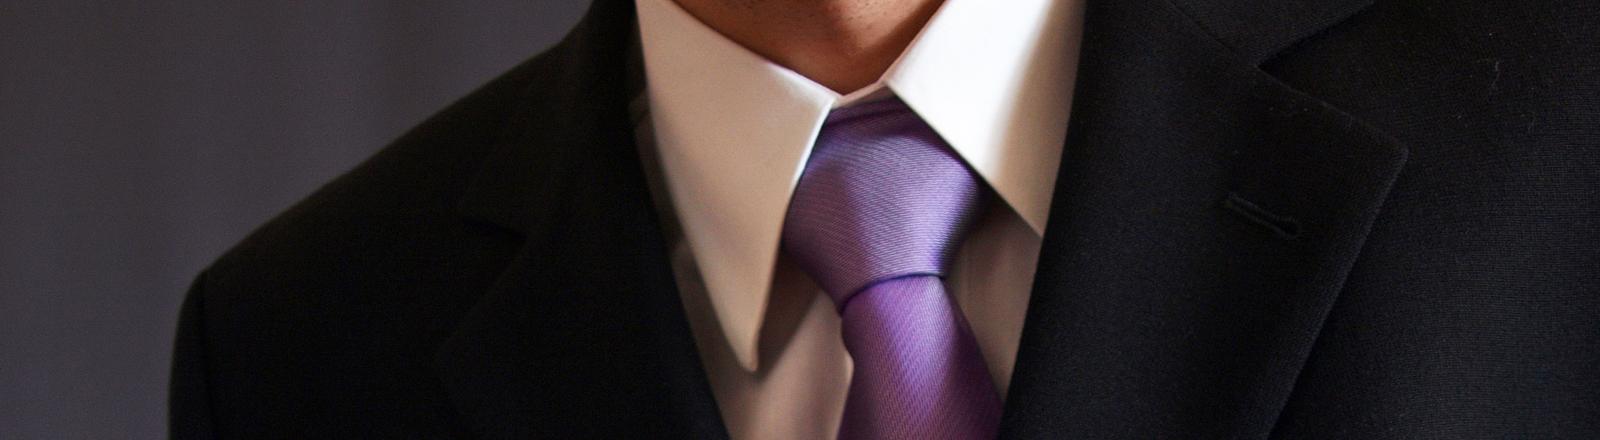 Ausschnitt: Hals mit Hemdkragen und Kravatte